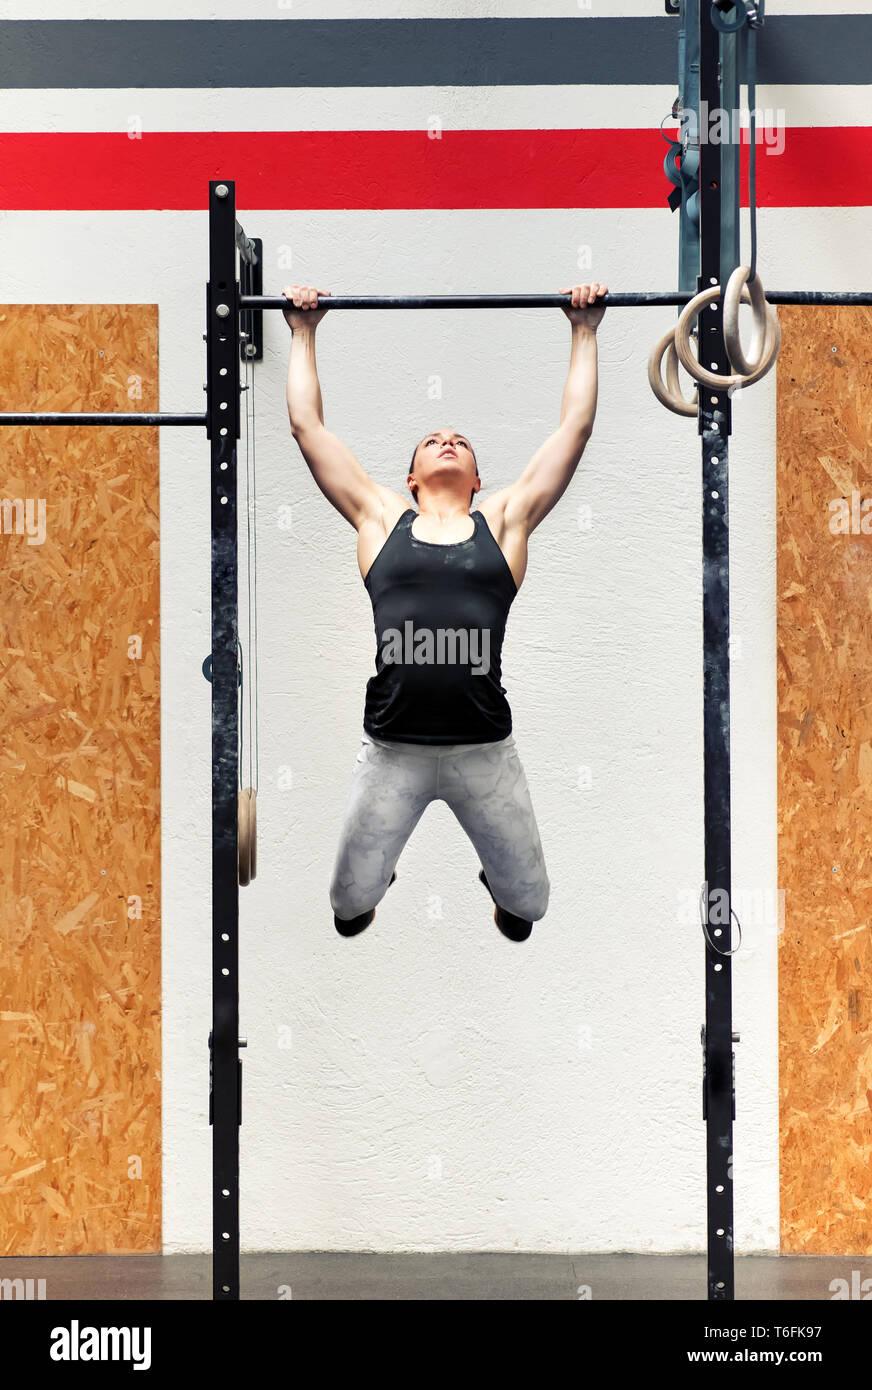 Giovani montare forte ragazza muscolare atleta facendo pull-up su una barra durante il suo allenamento in piena vista frontale all'interno di una palestra professionale Immagini Stock